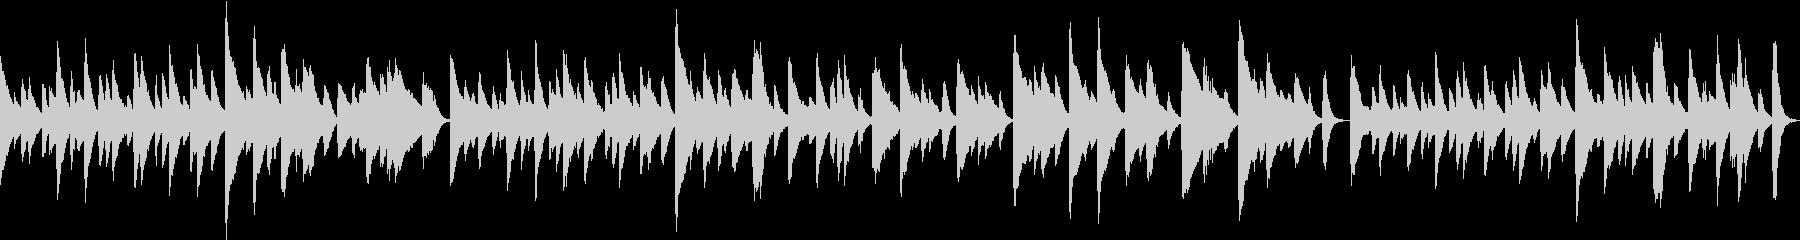 ノスタルジックなピアノソロBGMの未再生の波形